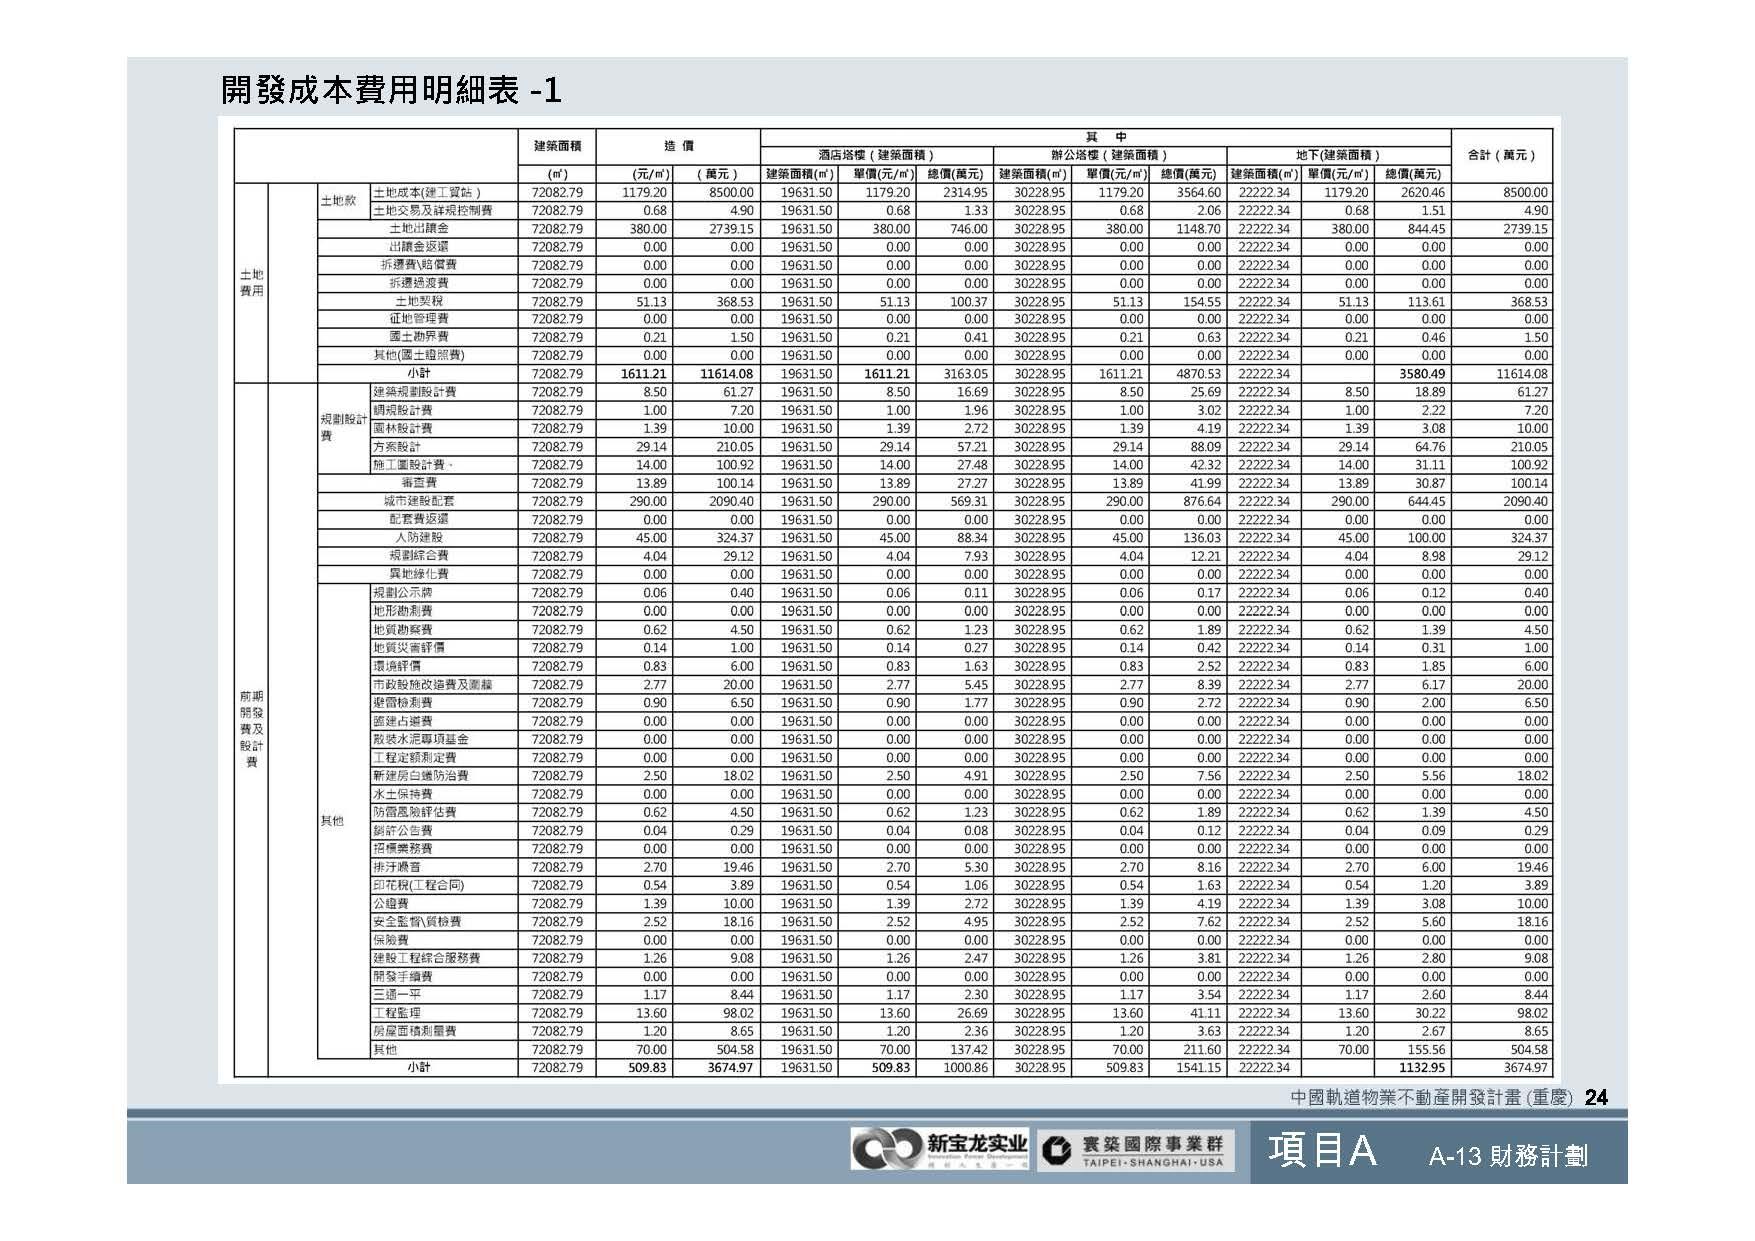 20100812-中國軌道物業不動產開發計畫(重慶)_頁面_25